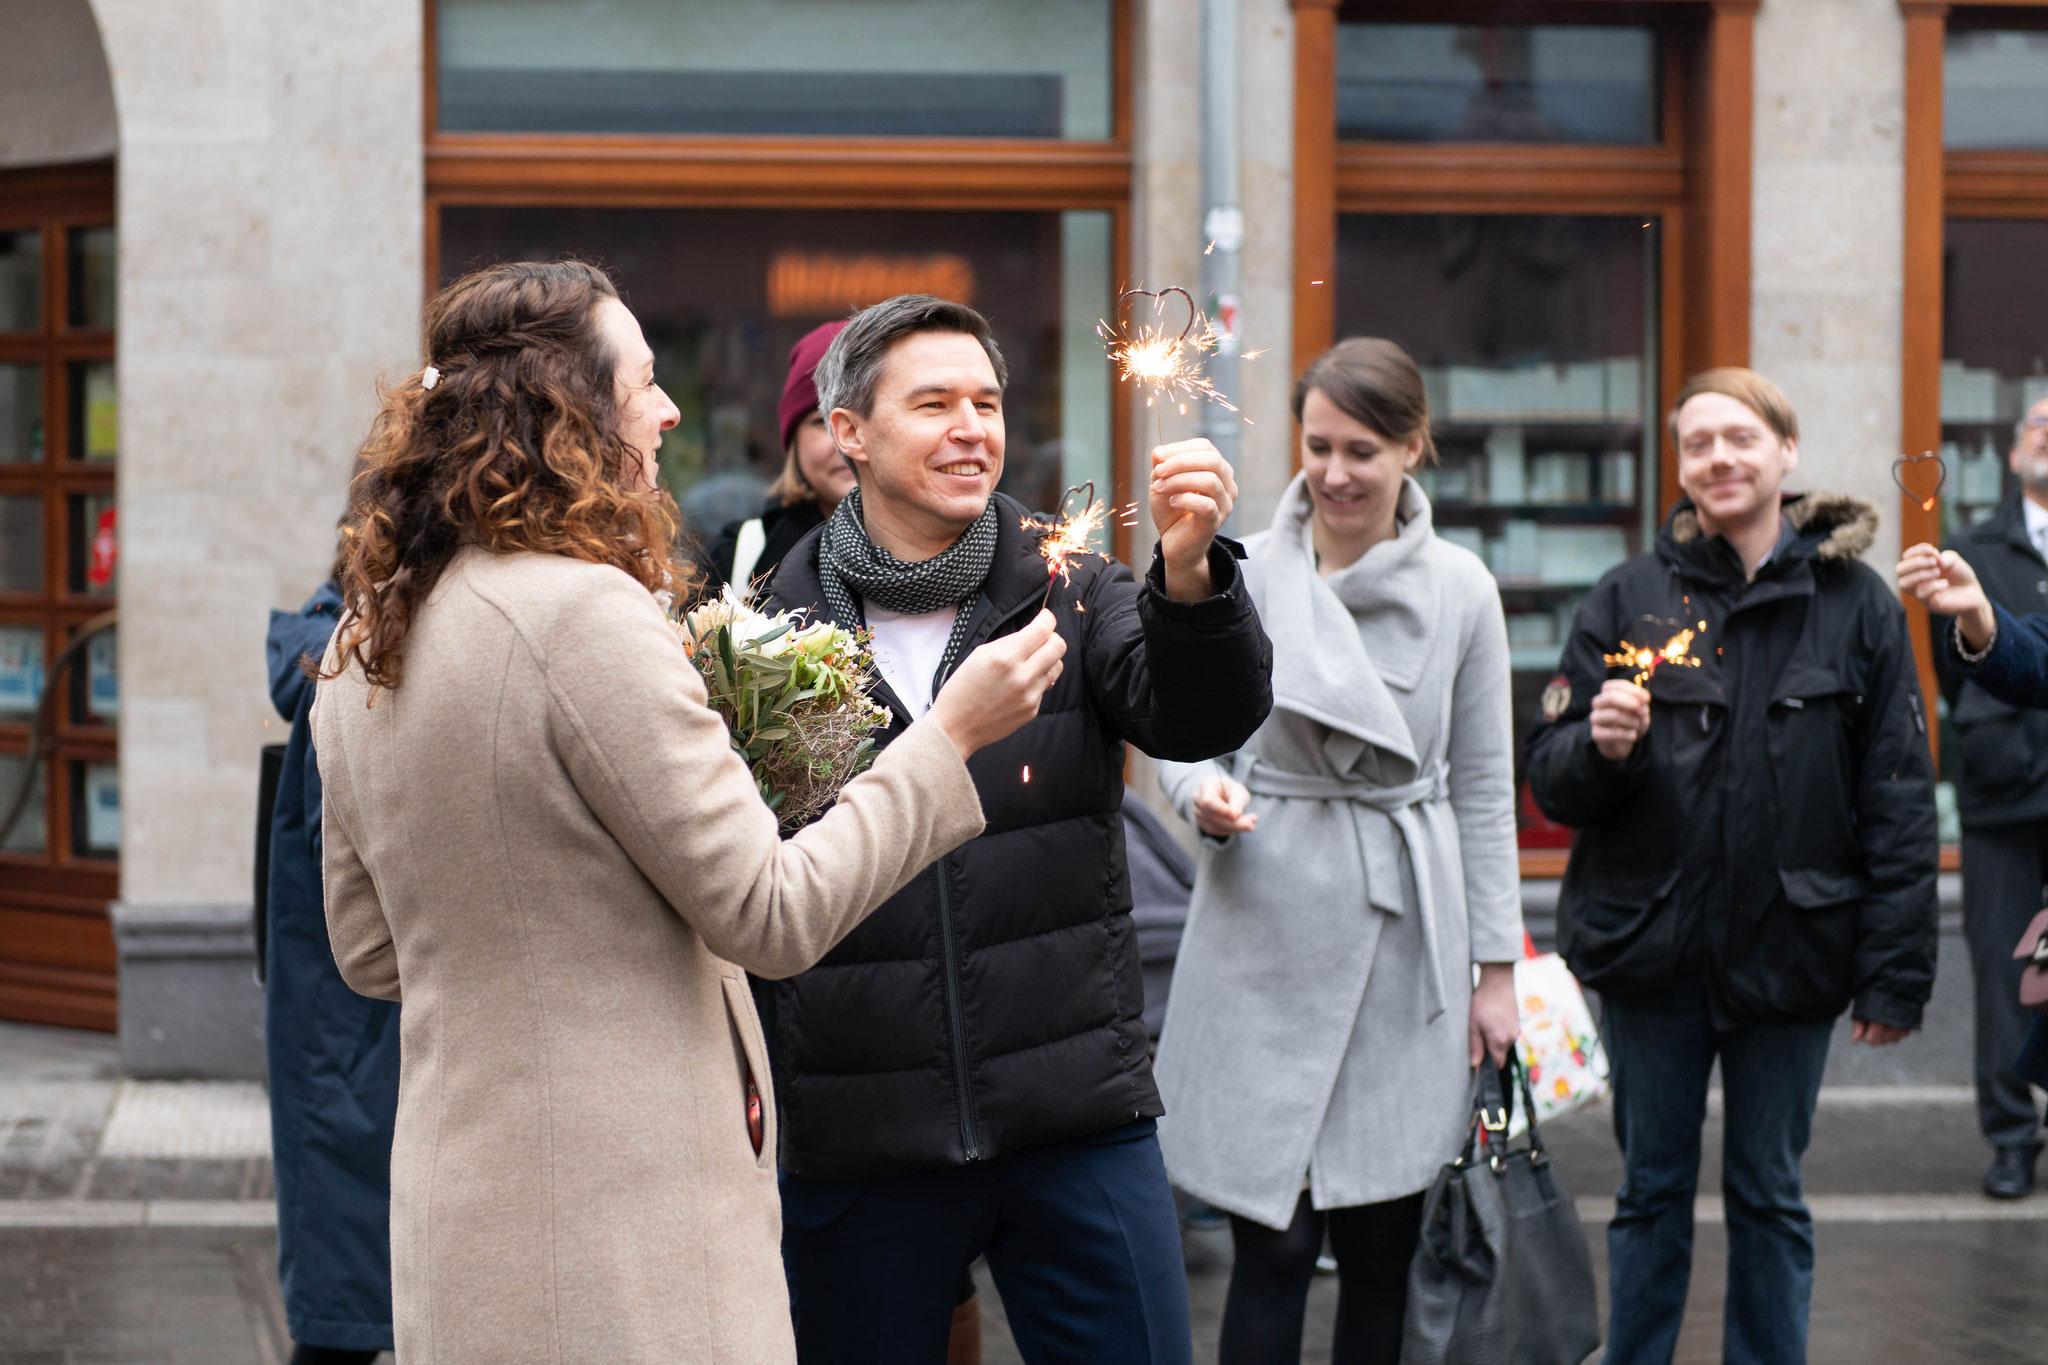 Fotoshooting mit Brautpaar und den Gästen